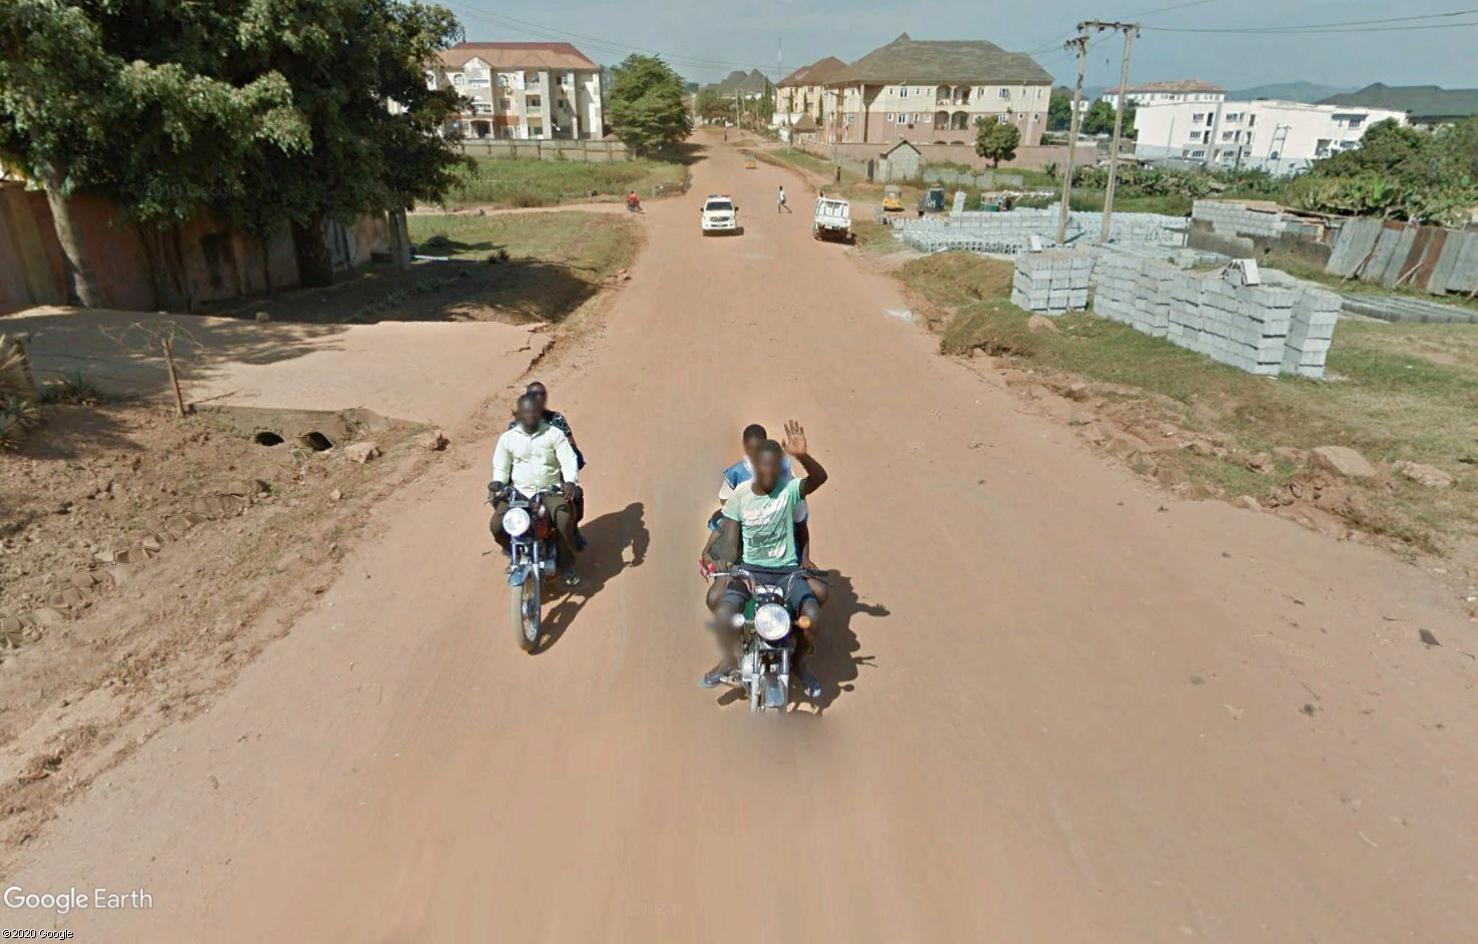 STREET VIEW : un coucou à la Google car  - Page 54 Tsge1725